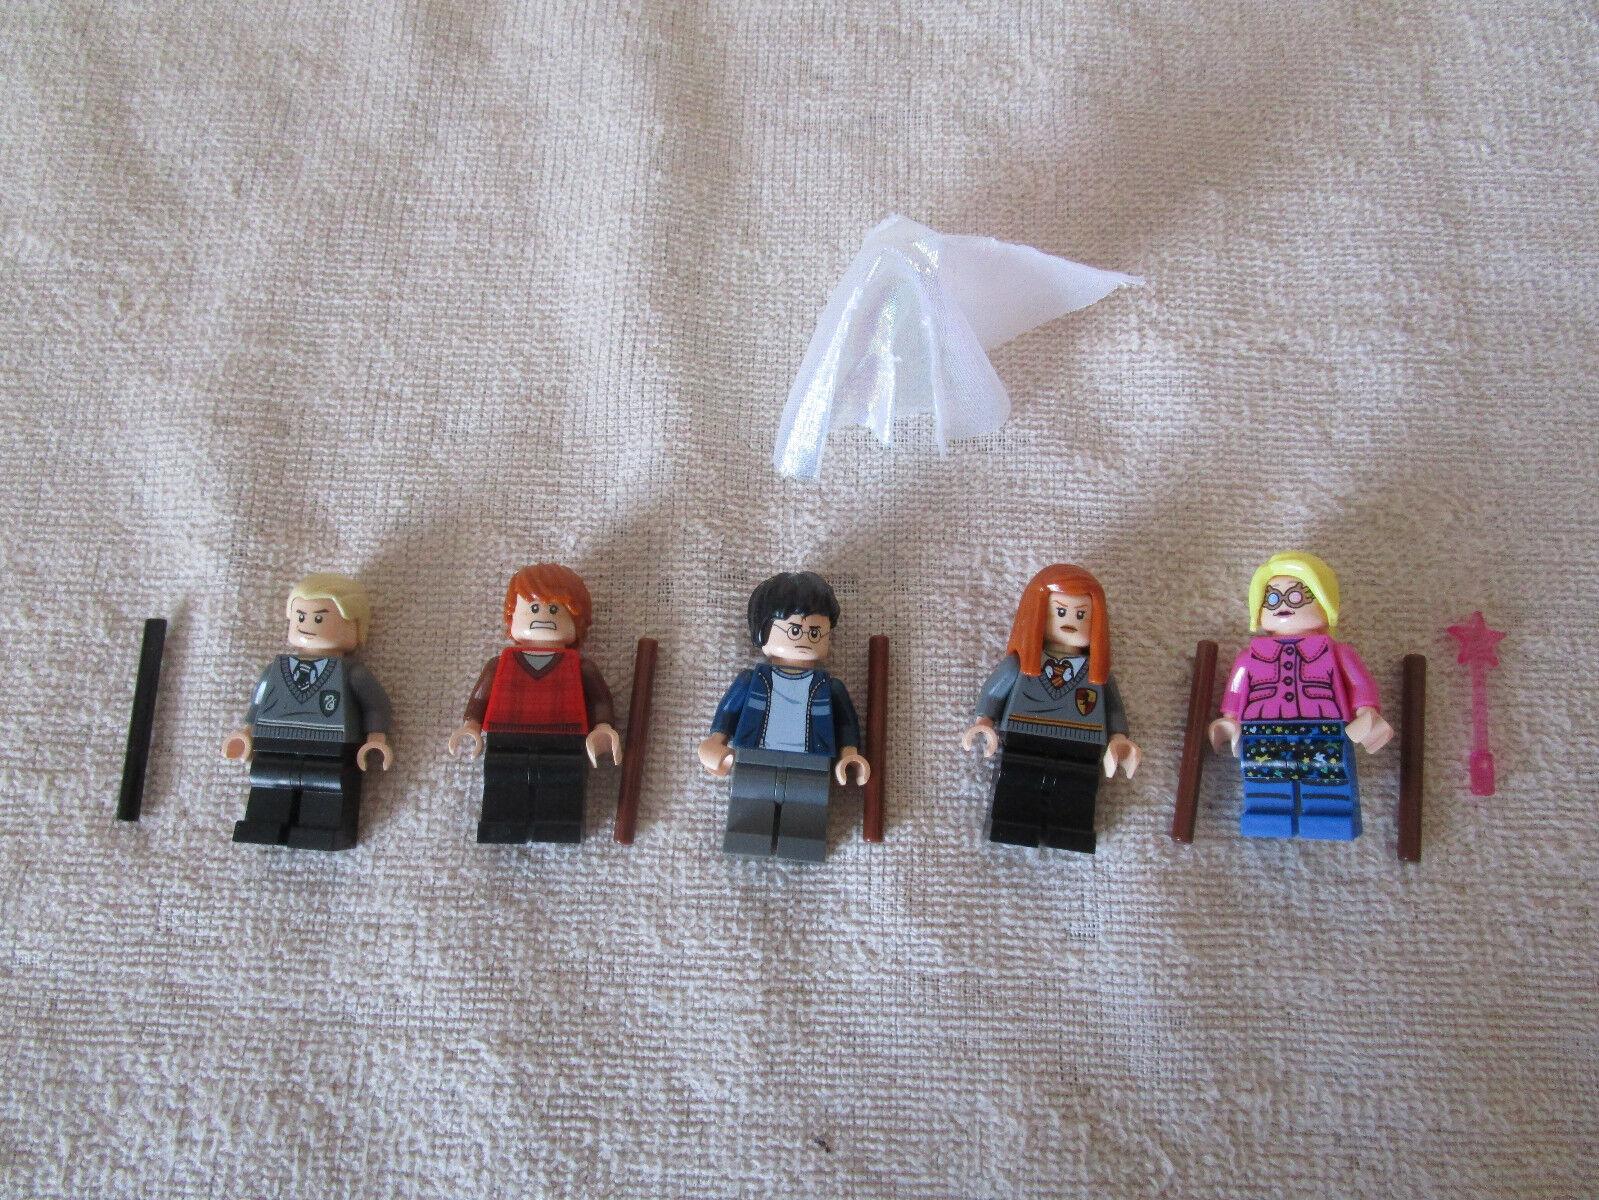 Lego Harry krukmakare HOGWkonstS UTTRYCKT 4841 KOMPLETTERANDE SET AV MINIMIGURES ALL 5